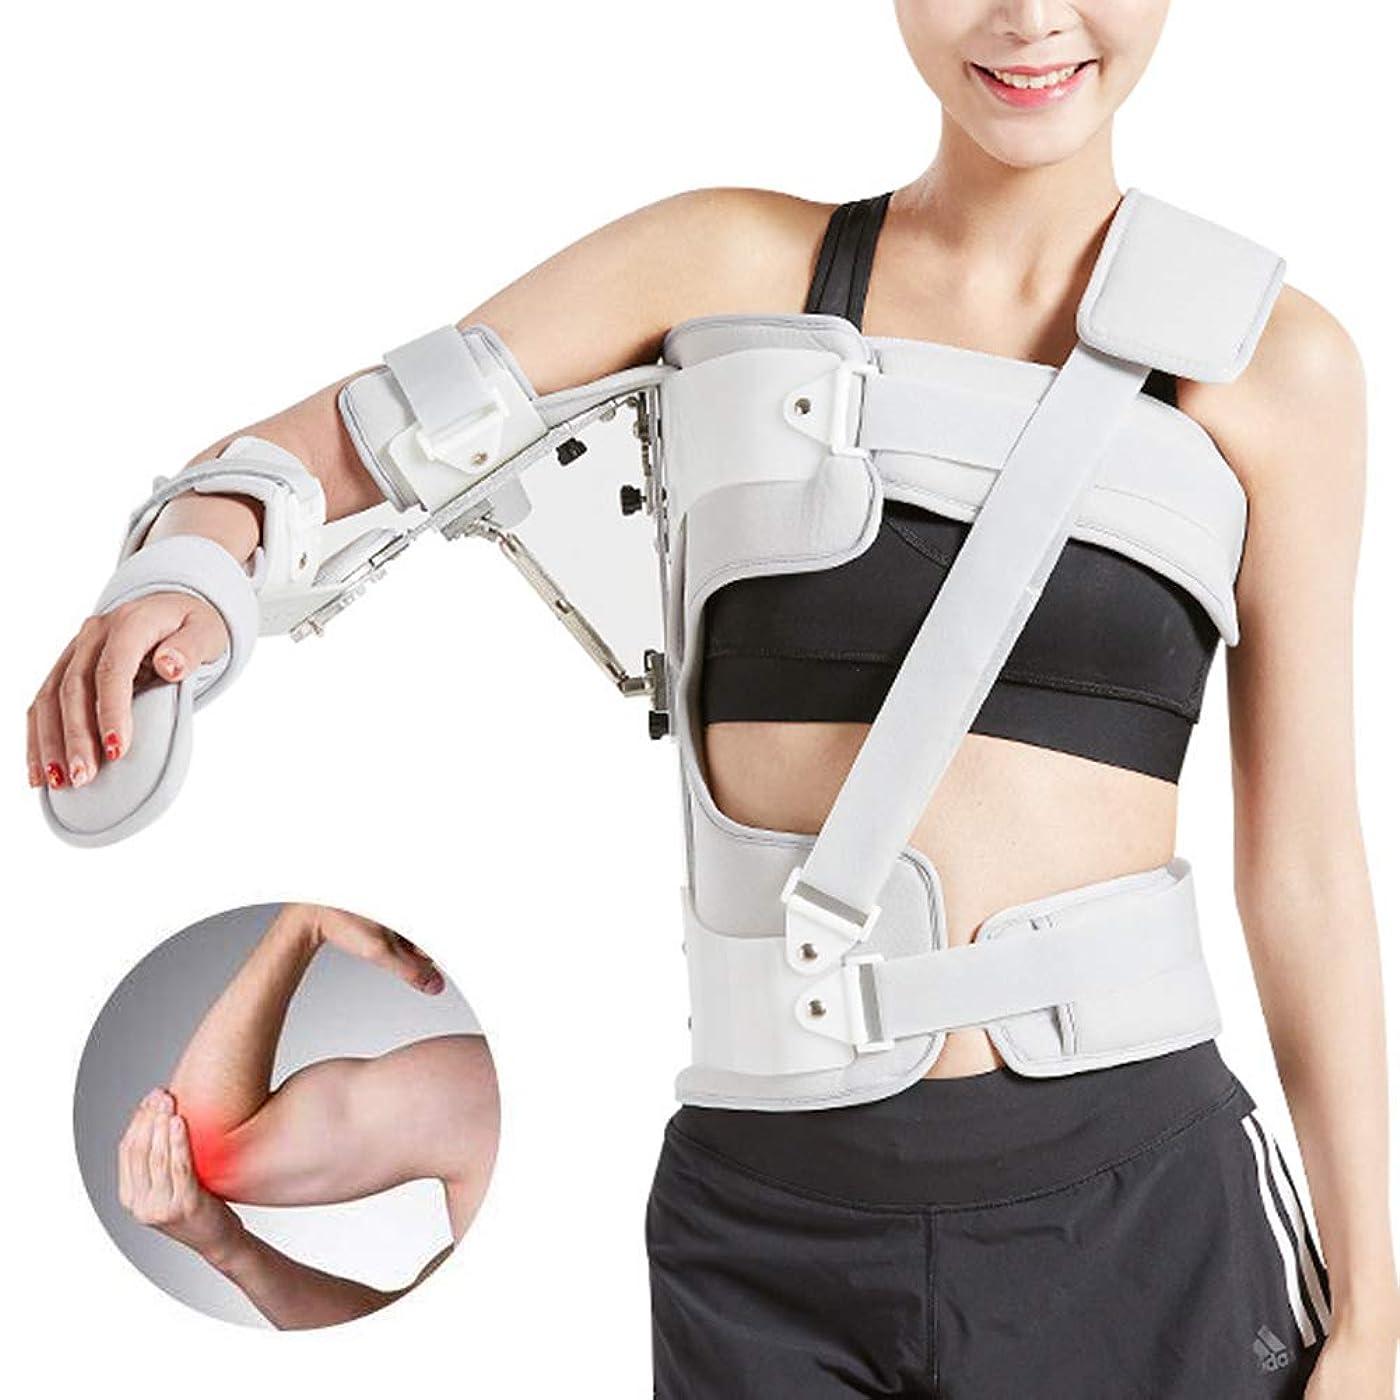 アドバンテージほかに終わらせる調節可能なアームスリング外転枕骨折肘サポートブレース、傷害回復アーム固定、転位回旋腱板滑液包炎腱炎、ワンサイズ - ユニセックス